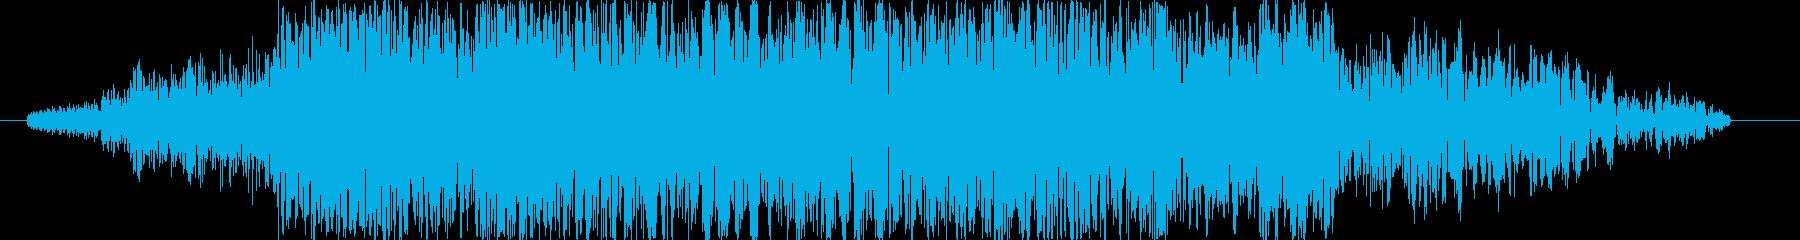 刀や剣の斬撃音 3の再生済みの波形